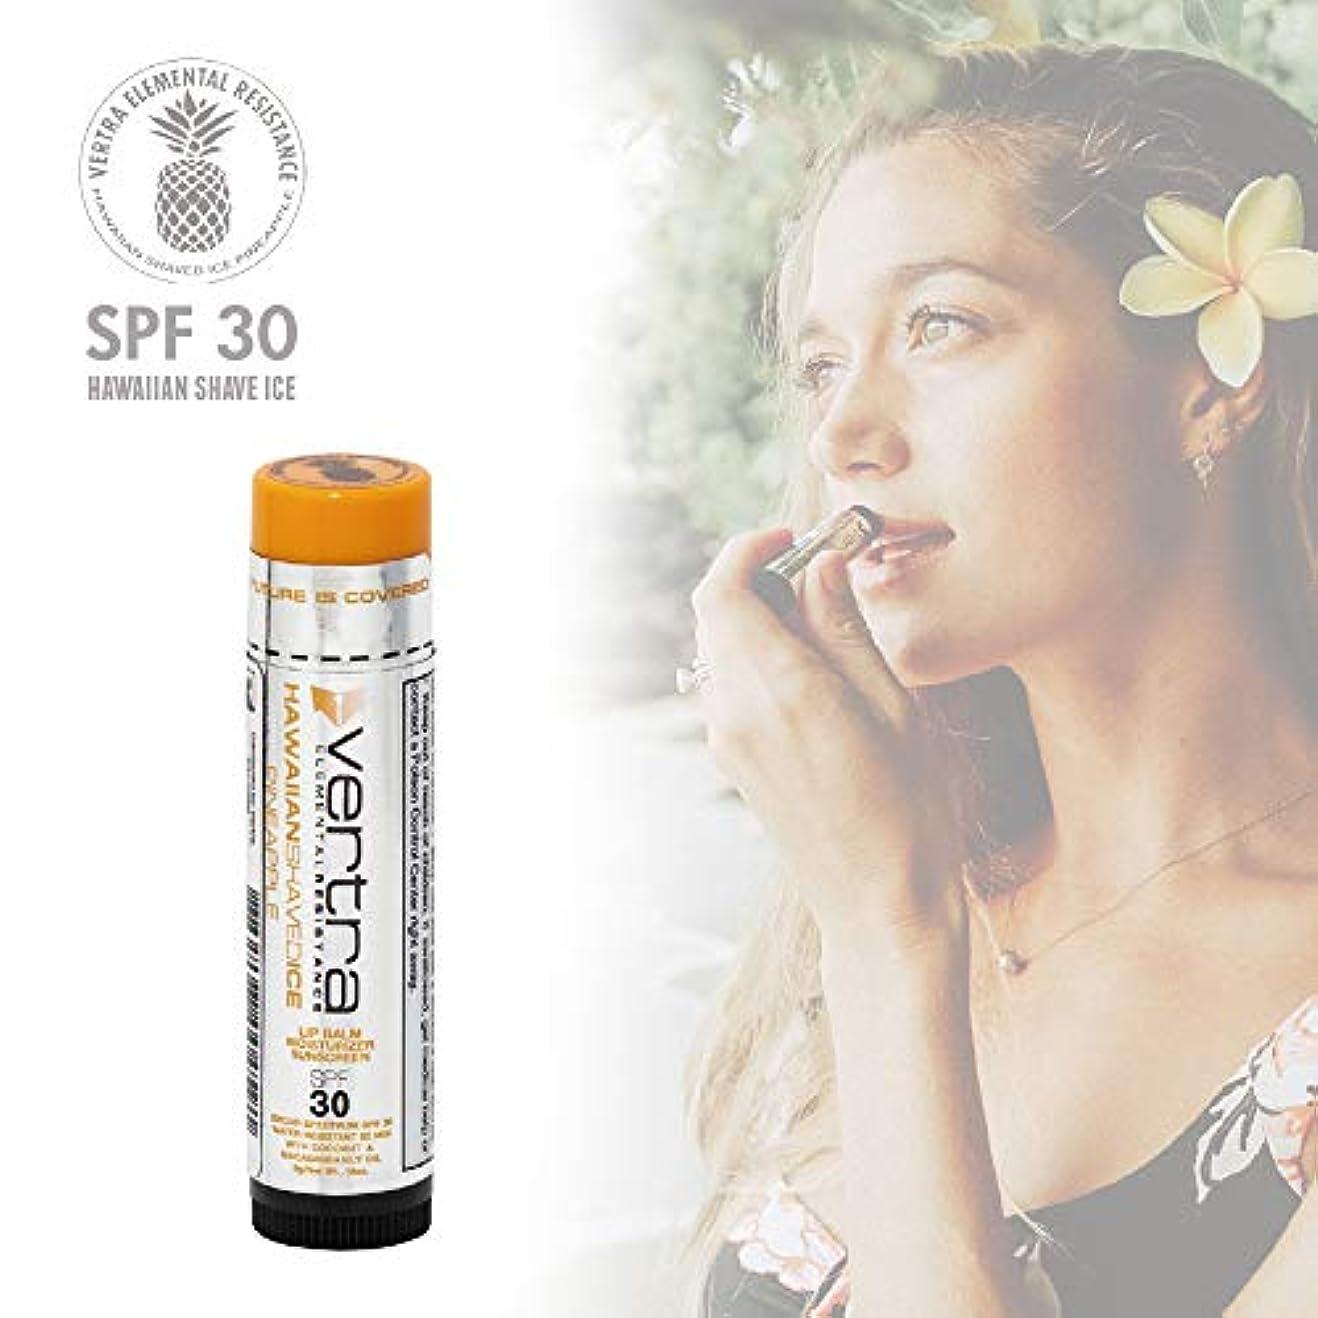 サンダルトークン温室VERTRA (バートラ) リップ 日焼け止め Lip Balm hawaiian shaved ice pineapple SPF30 PA+++